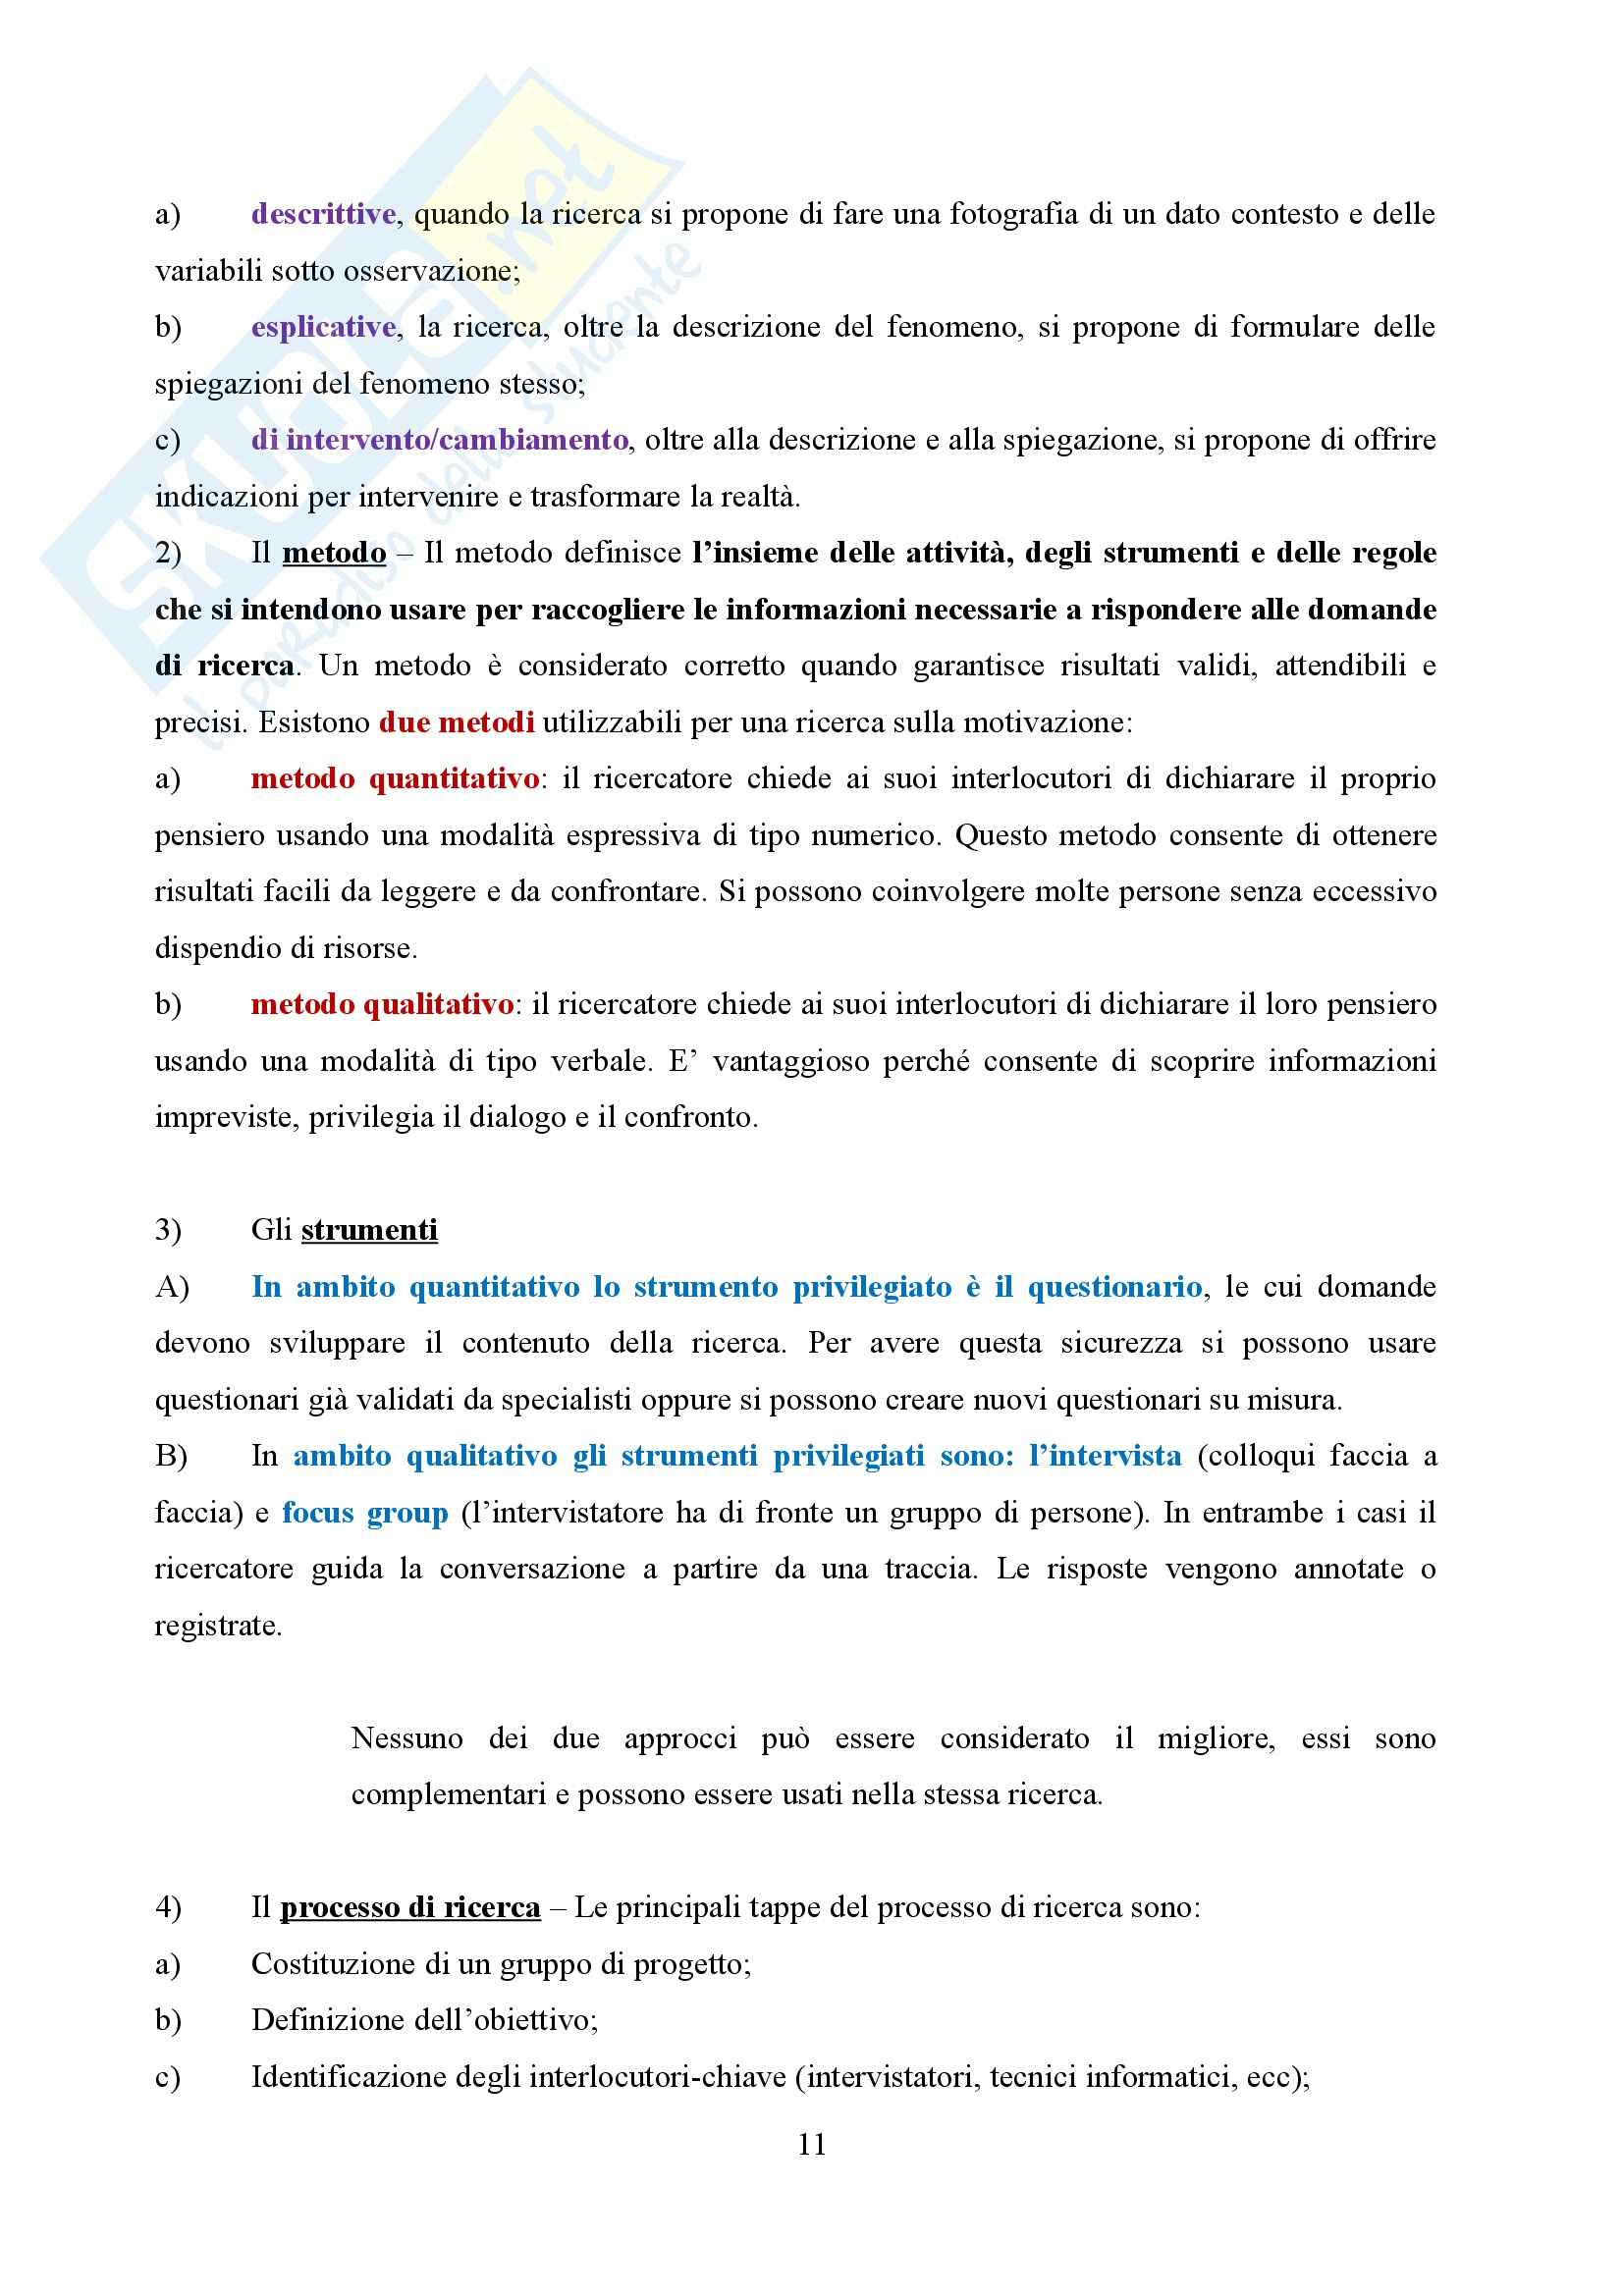 Riassunto esame Organizzazione aziendale, prof. Nacamulli, libro consigliato Motivare, Cortese Pag. 11